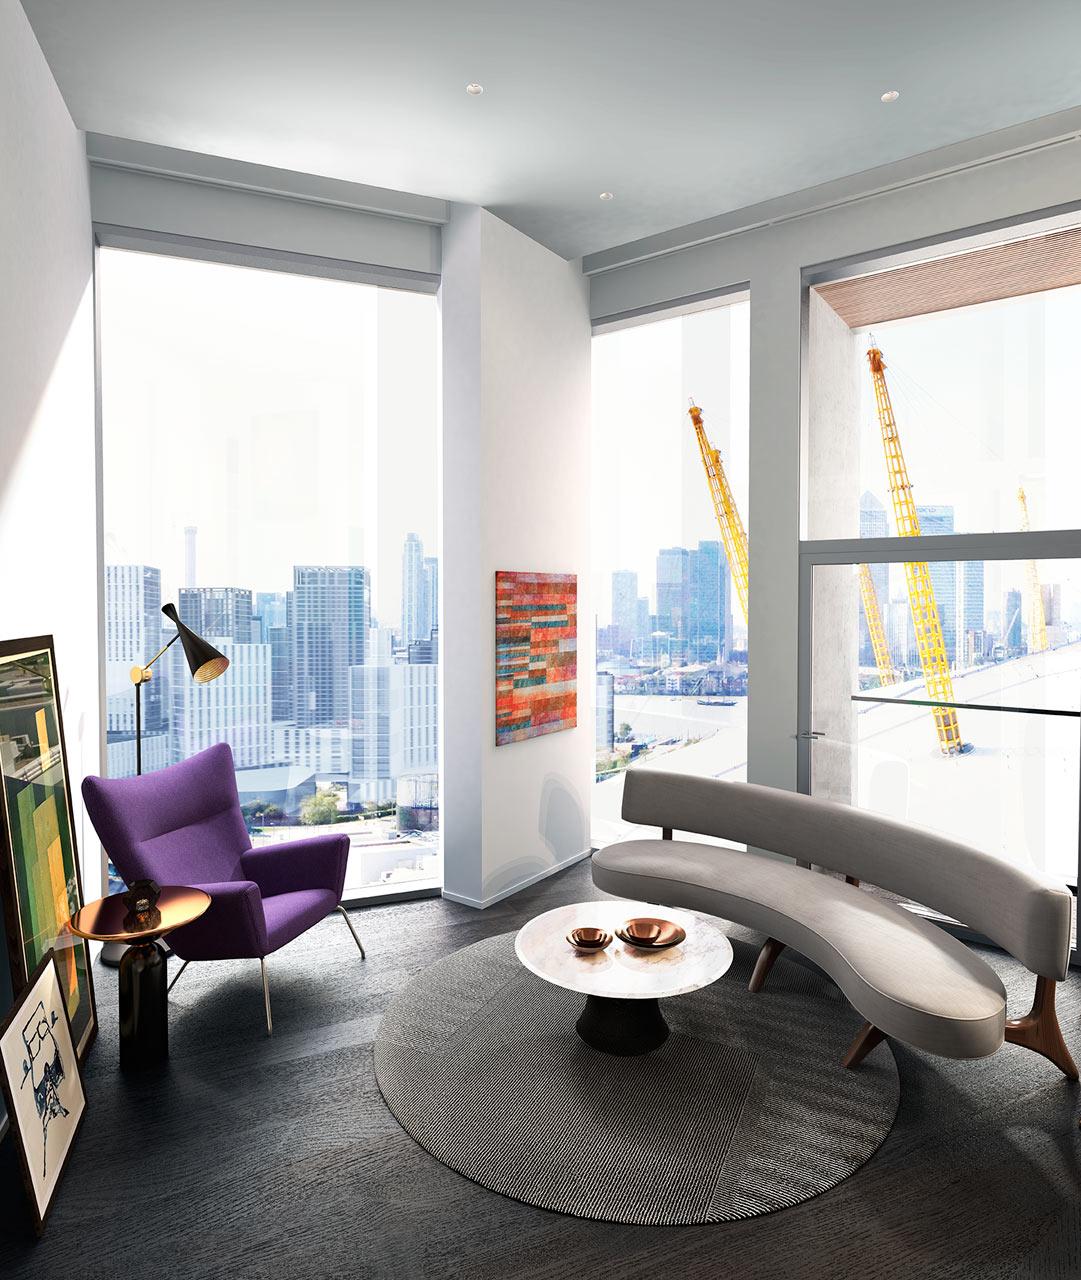 غرفة معيشة مودرن 13 جرأة وروعة الألوان في تصميم وحدات سكنية عصرية